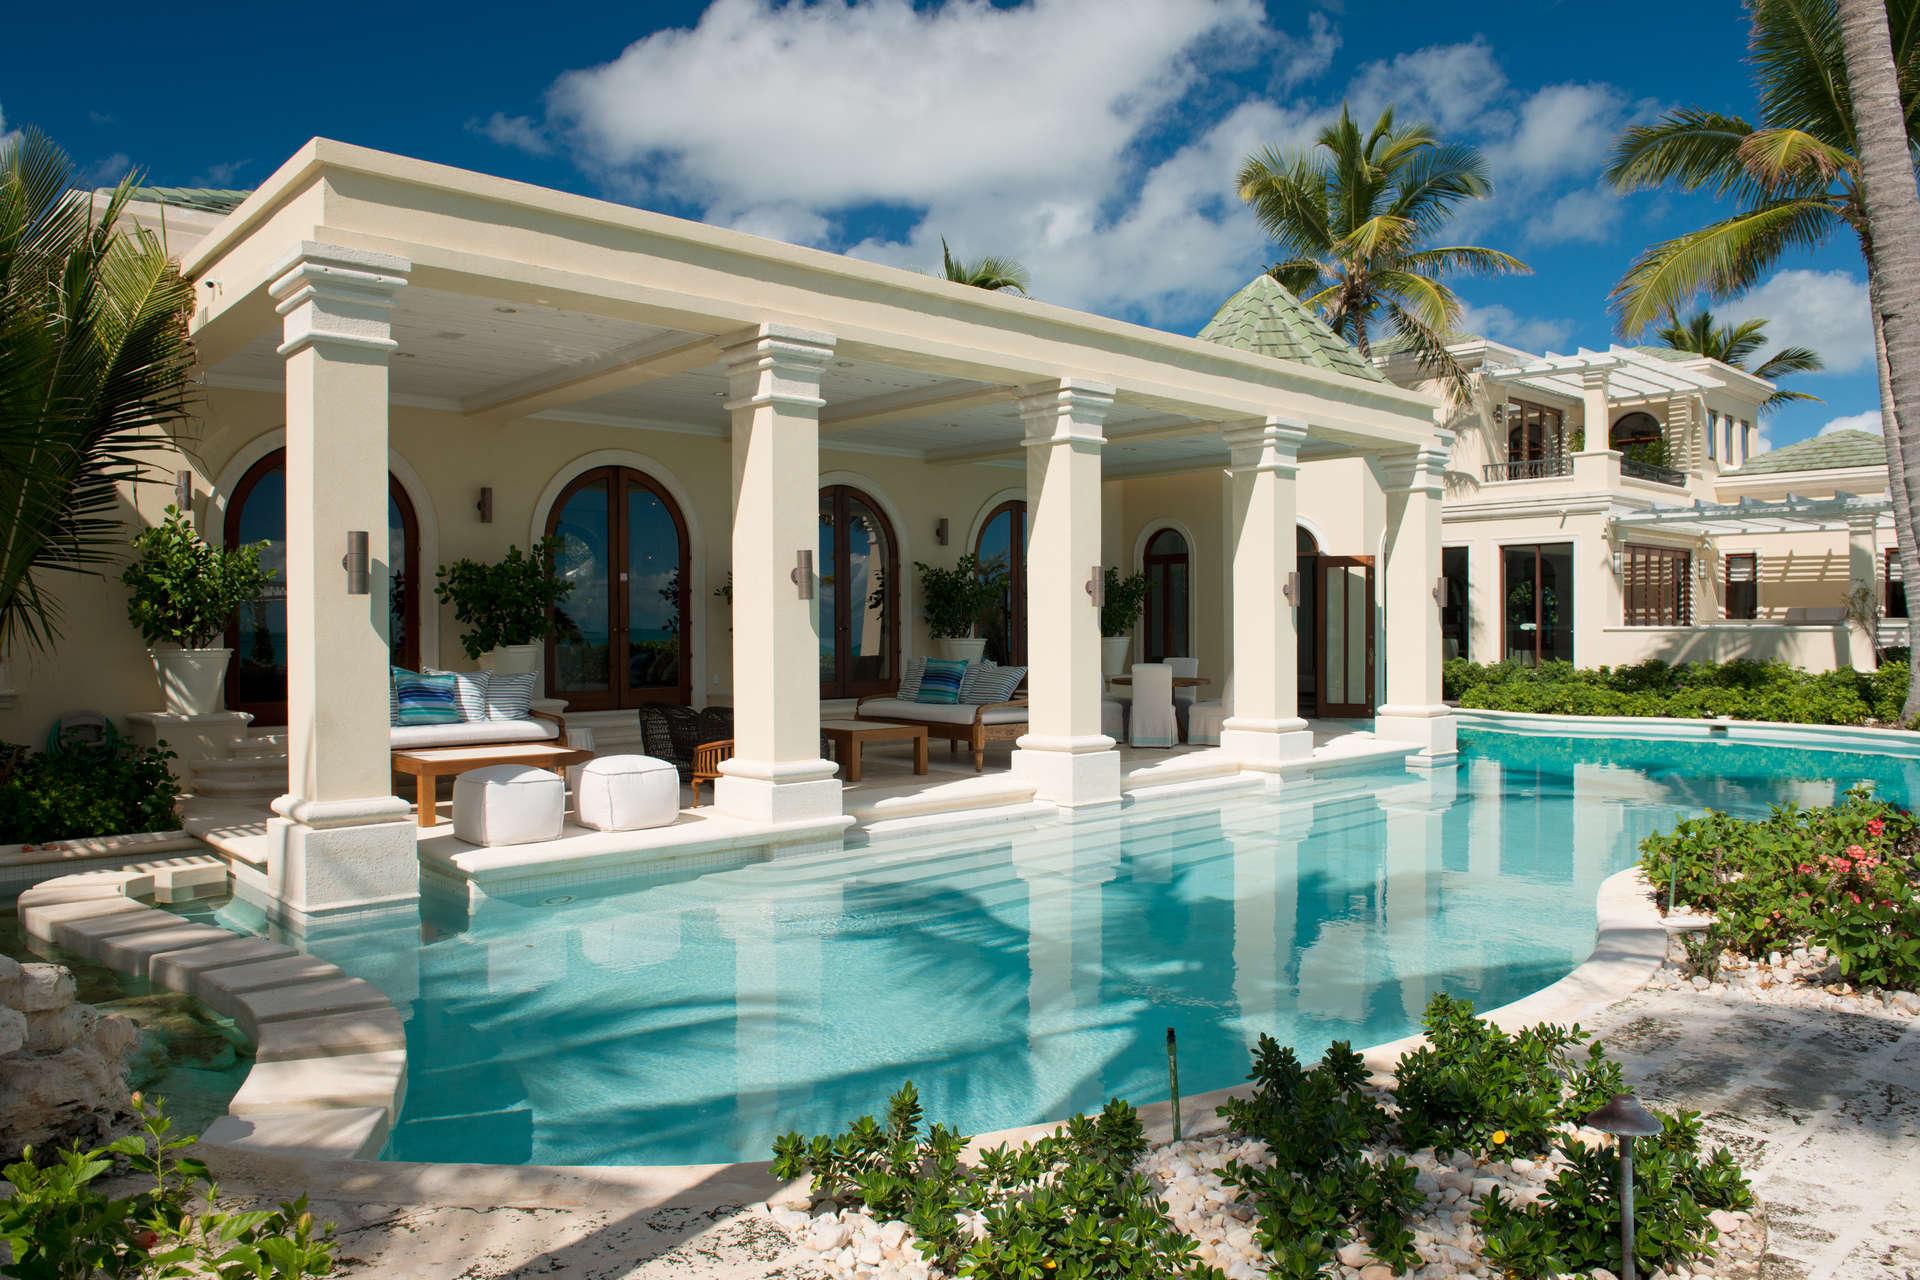 Luxury villa rentals caribbean - Turks and caicos - Providenciales - Grace bay club - La Dolce Vita - Image 1/33